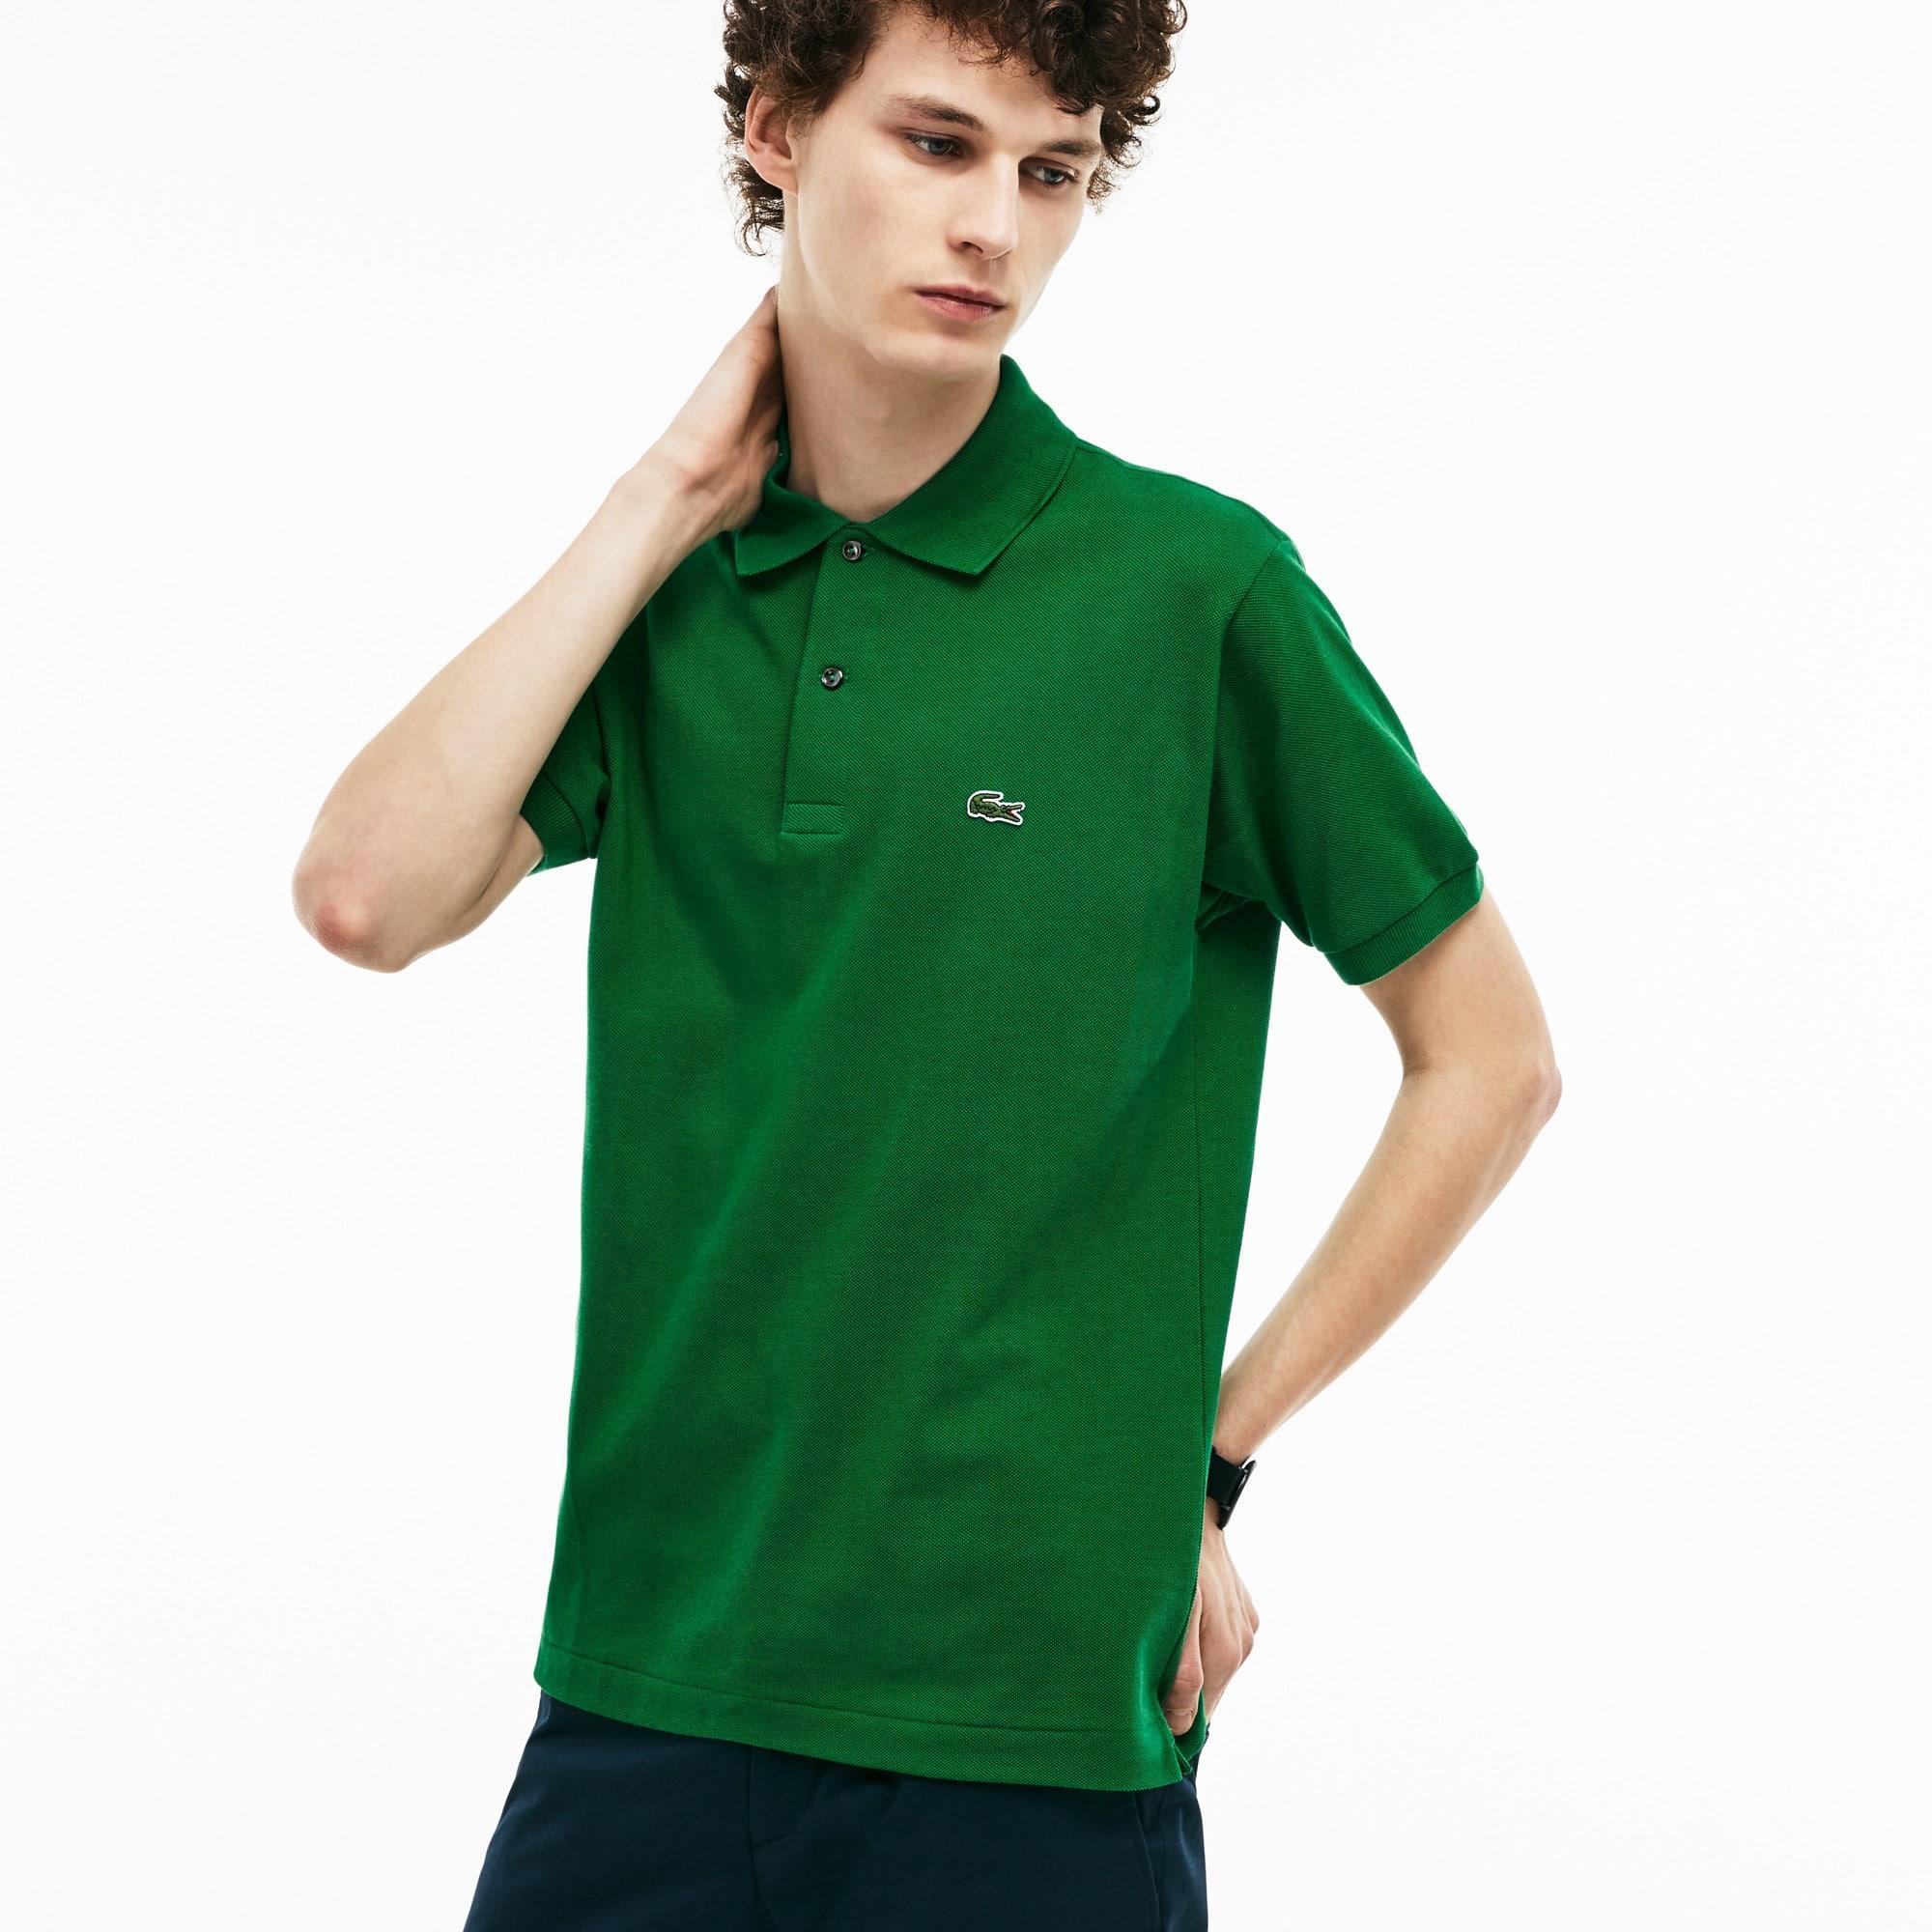 7b40bc71b1 Camisa Polo Masculina L.12.12